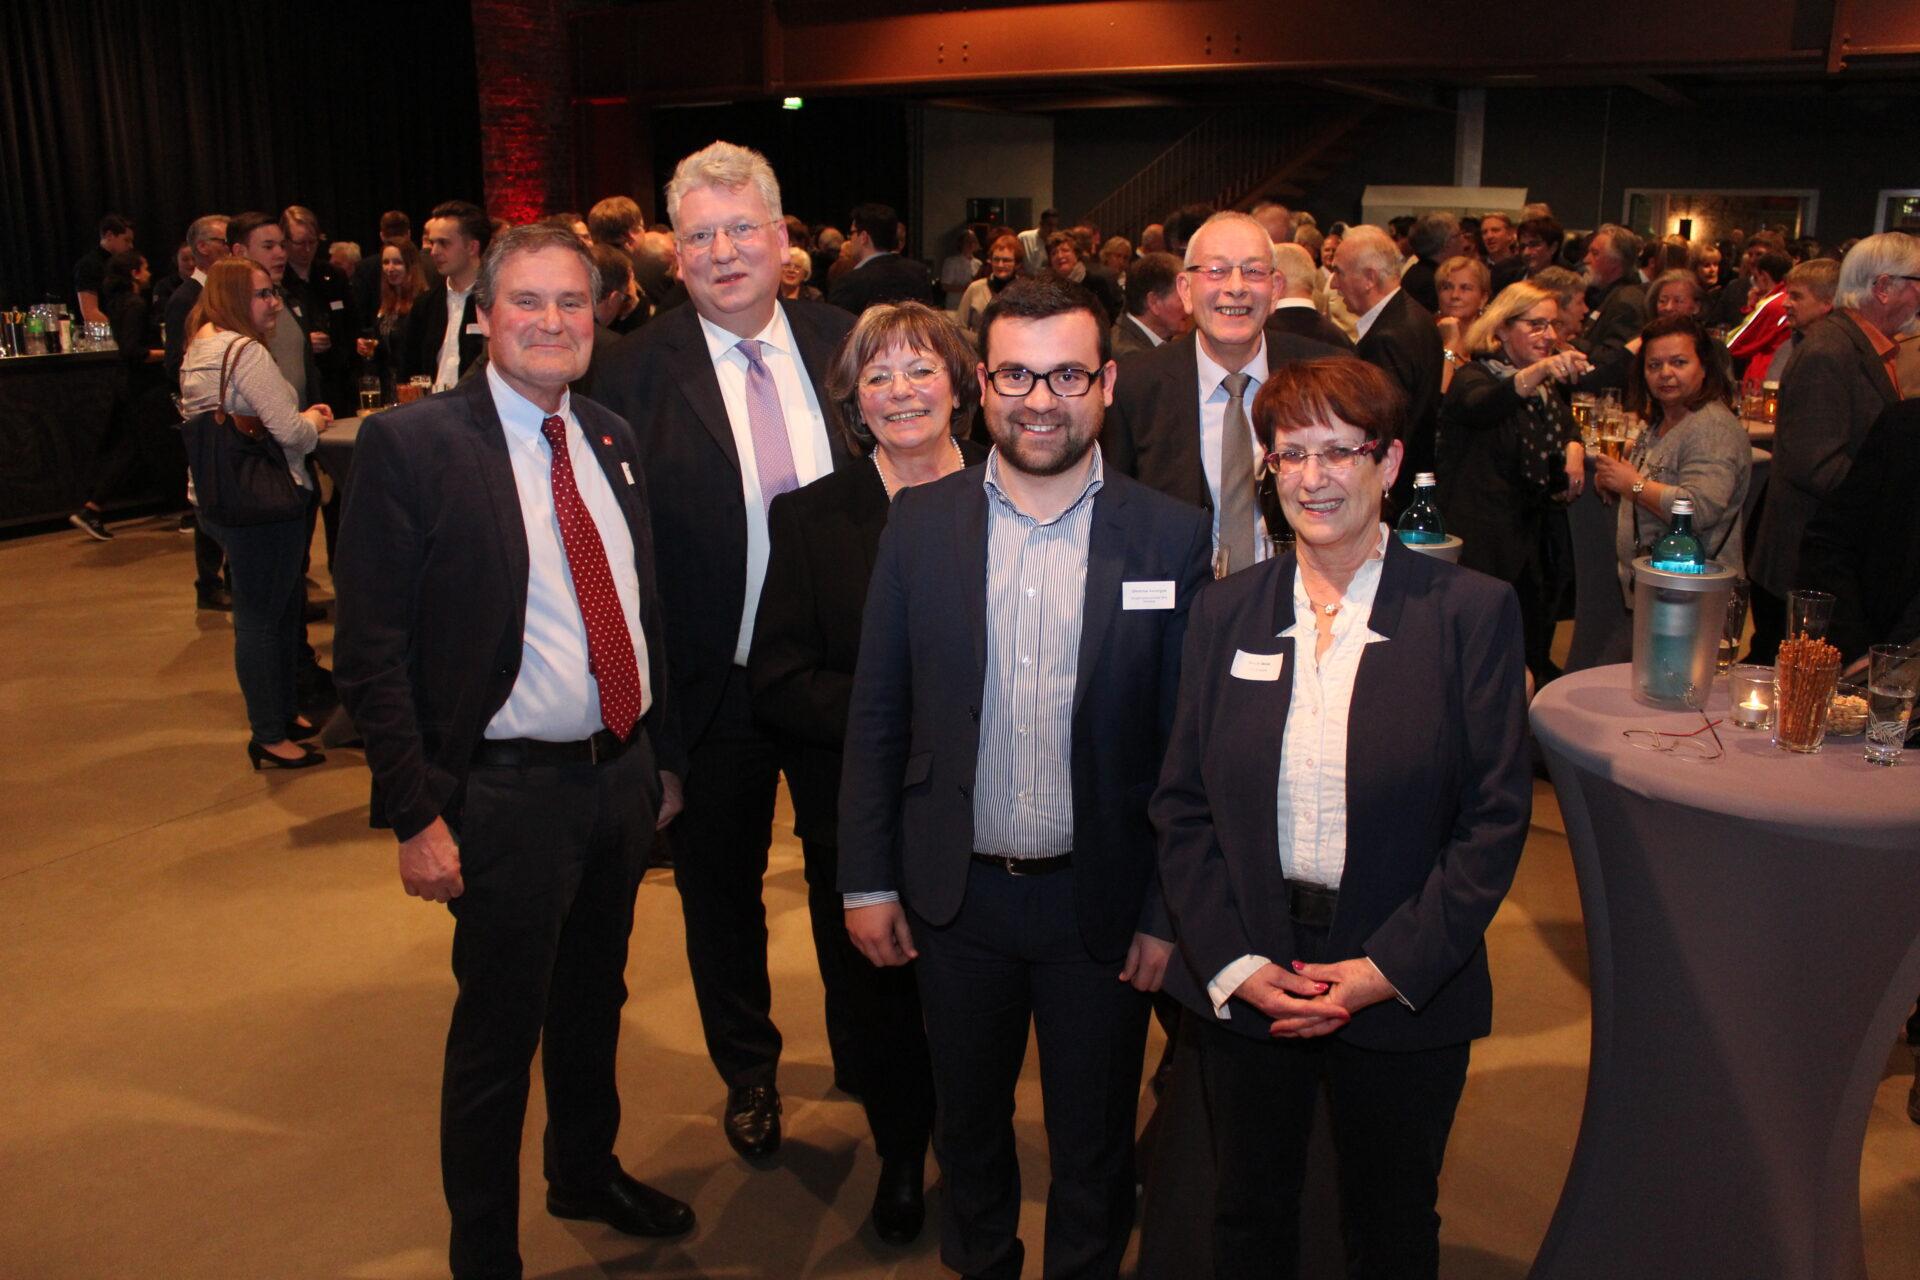 SPD-Jahresforum: Kein fairer Wahlkampf?